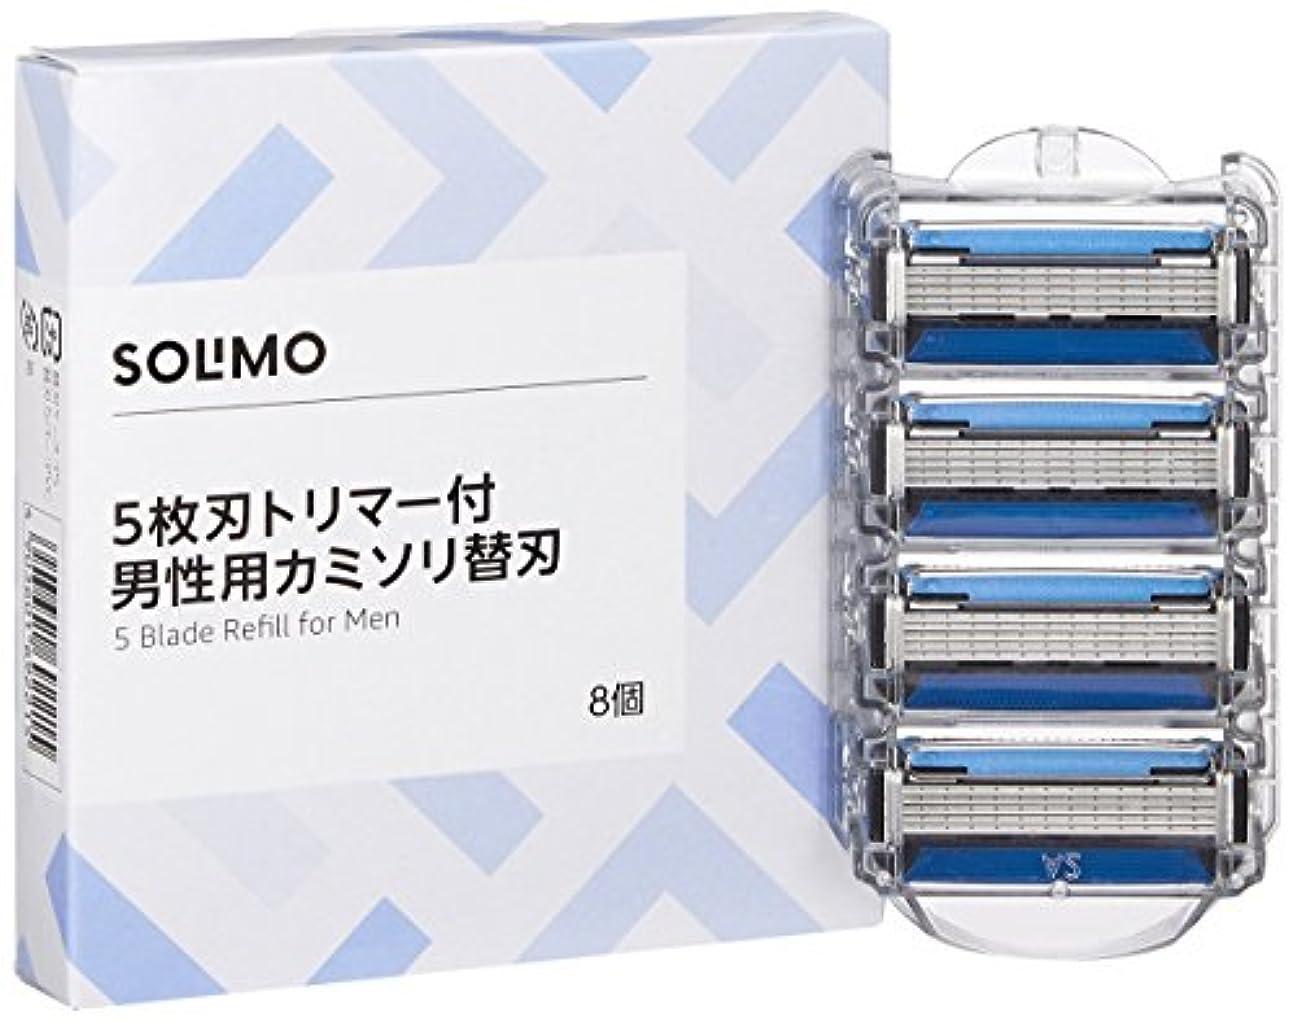 閉じ込めるうまくやる()考古学者[Amazonブランド]SOLIMO 5枚刃 トリマー付 男性用 カミソリ替刃8個